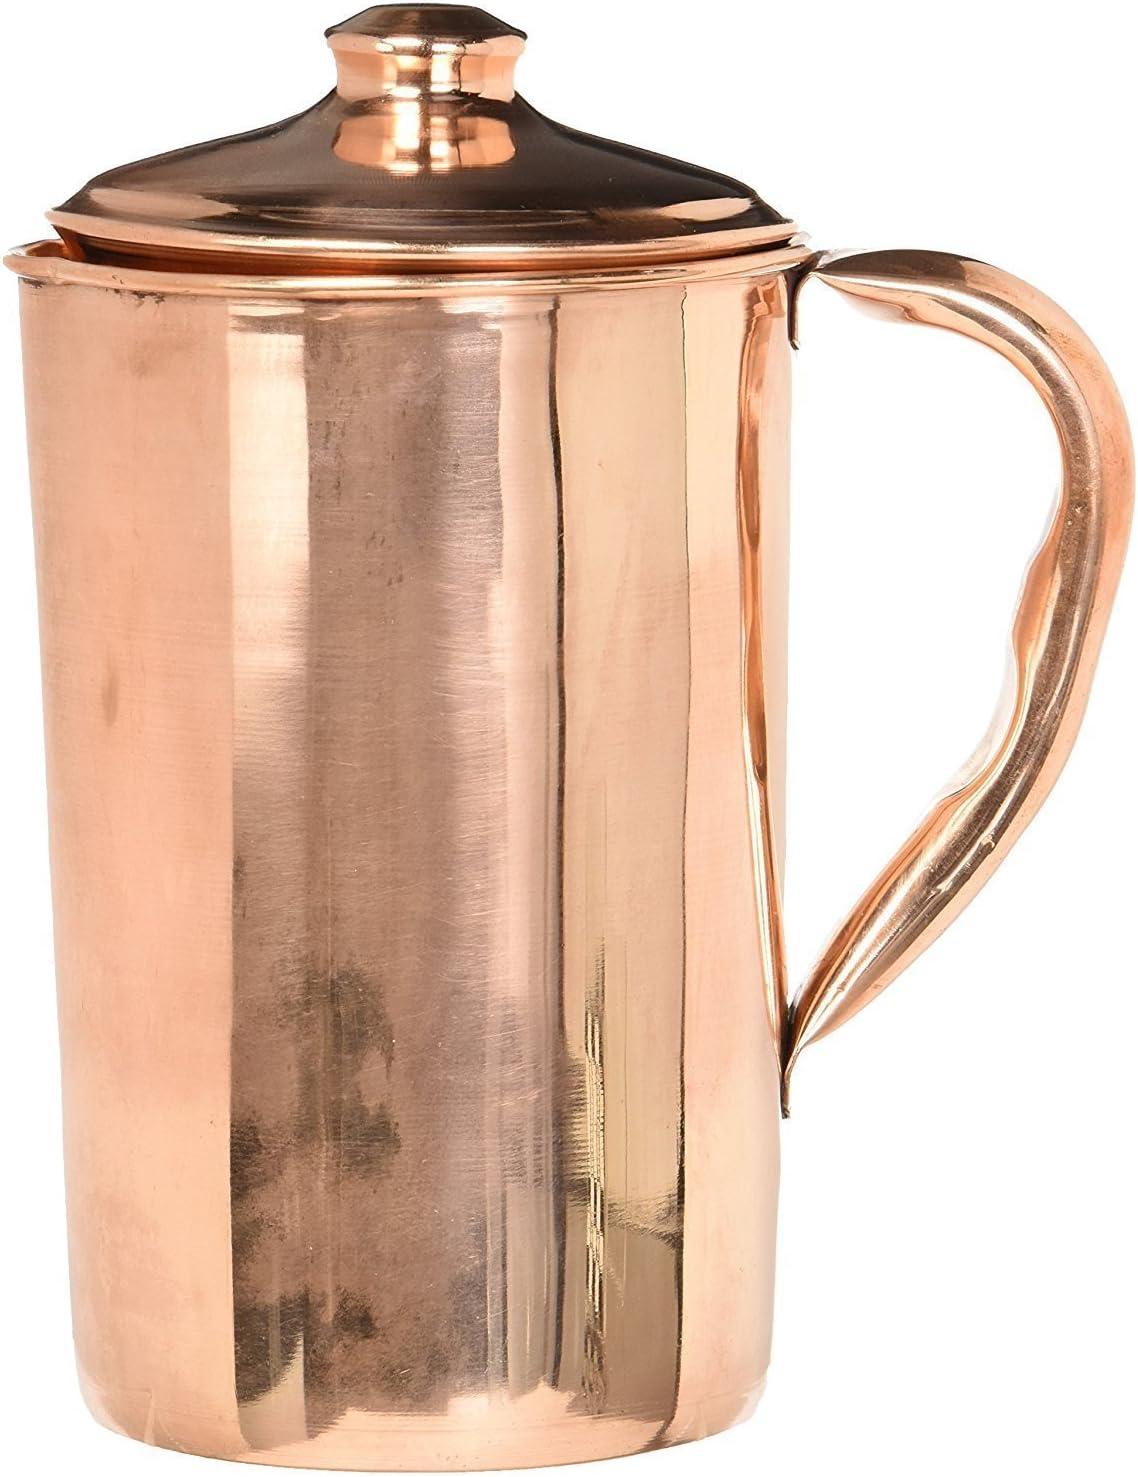 Indisch Reines Kupfer Wasserkrug Mit 2 Glas Krug Natürlich Ayurveda Yoga Haut